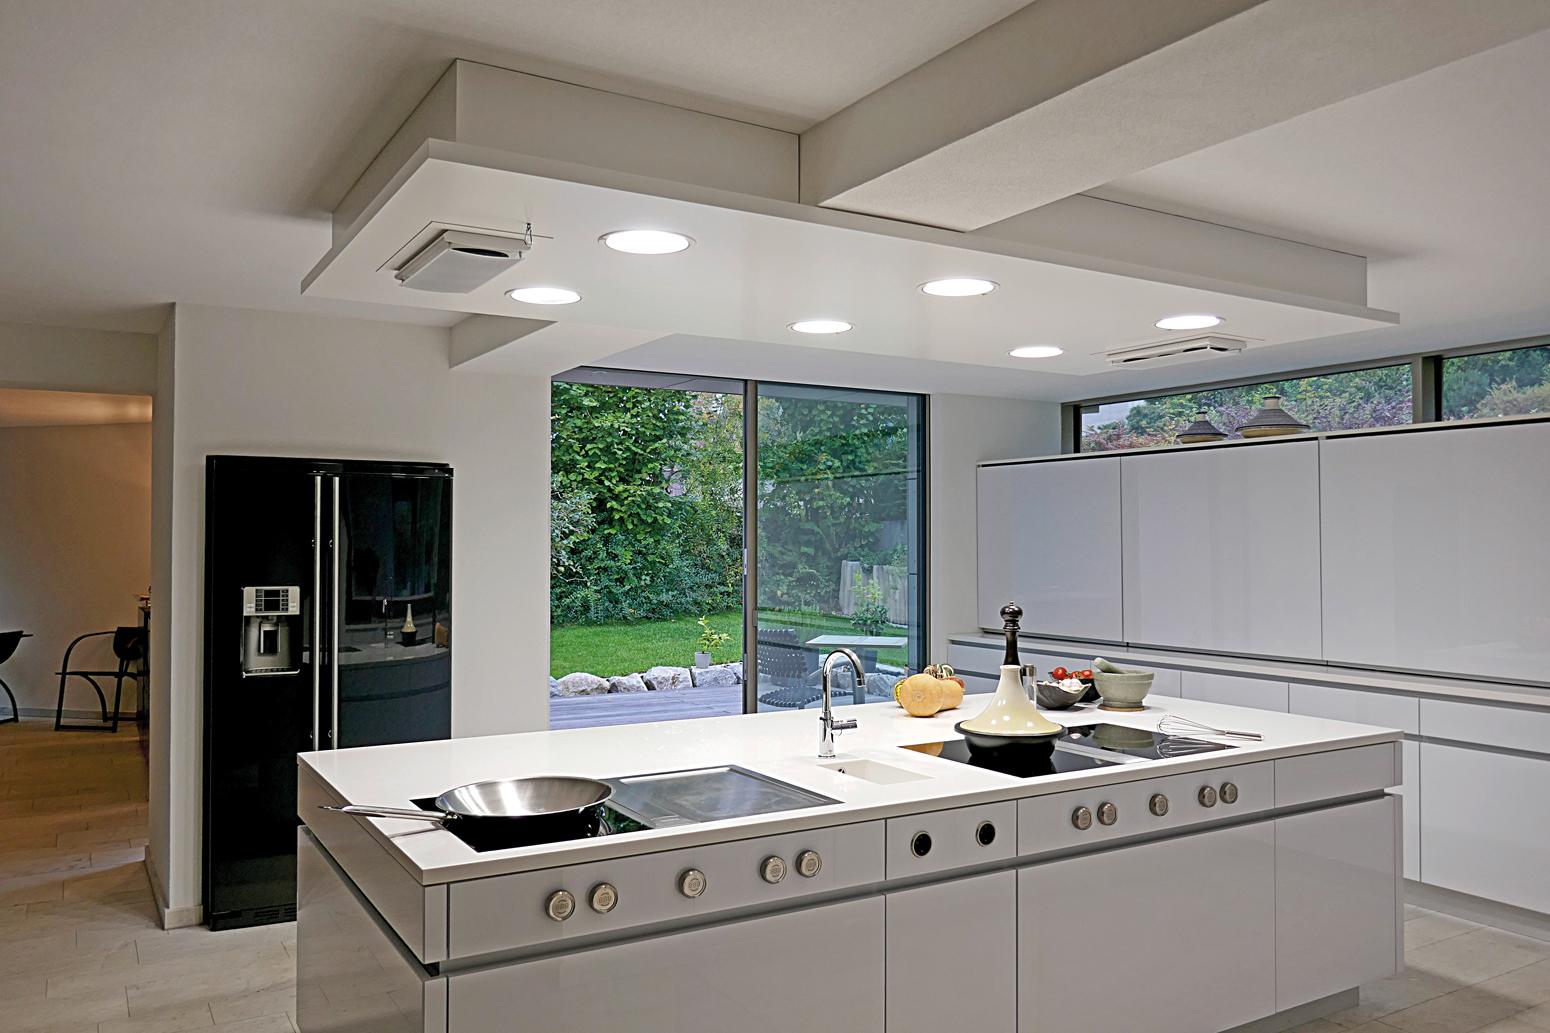 Individuelle Küchenarchitektur: Attraktiv muss sie sein, von allen Seiten. Gemeinsames Zubereiten und Genießen steht im Mittelpunkt.